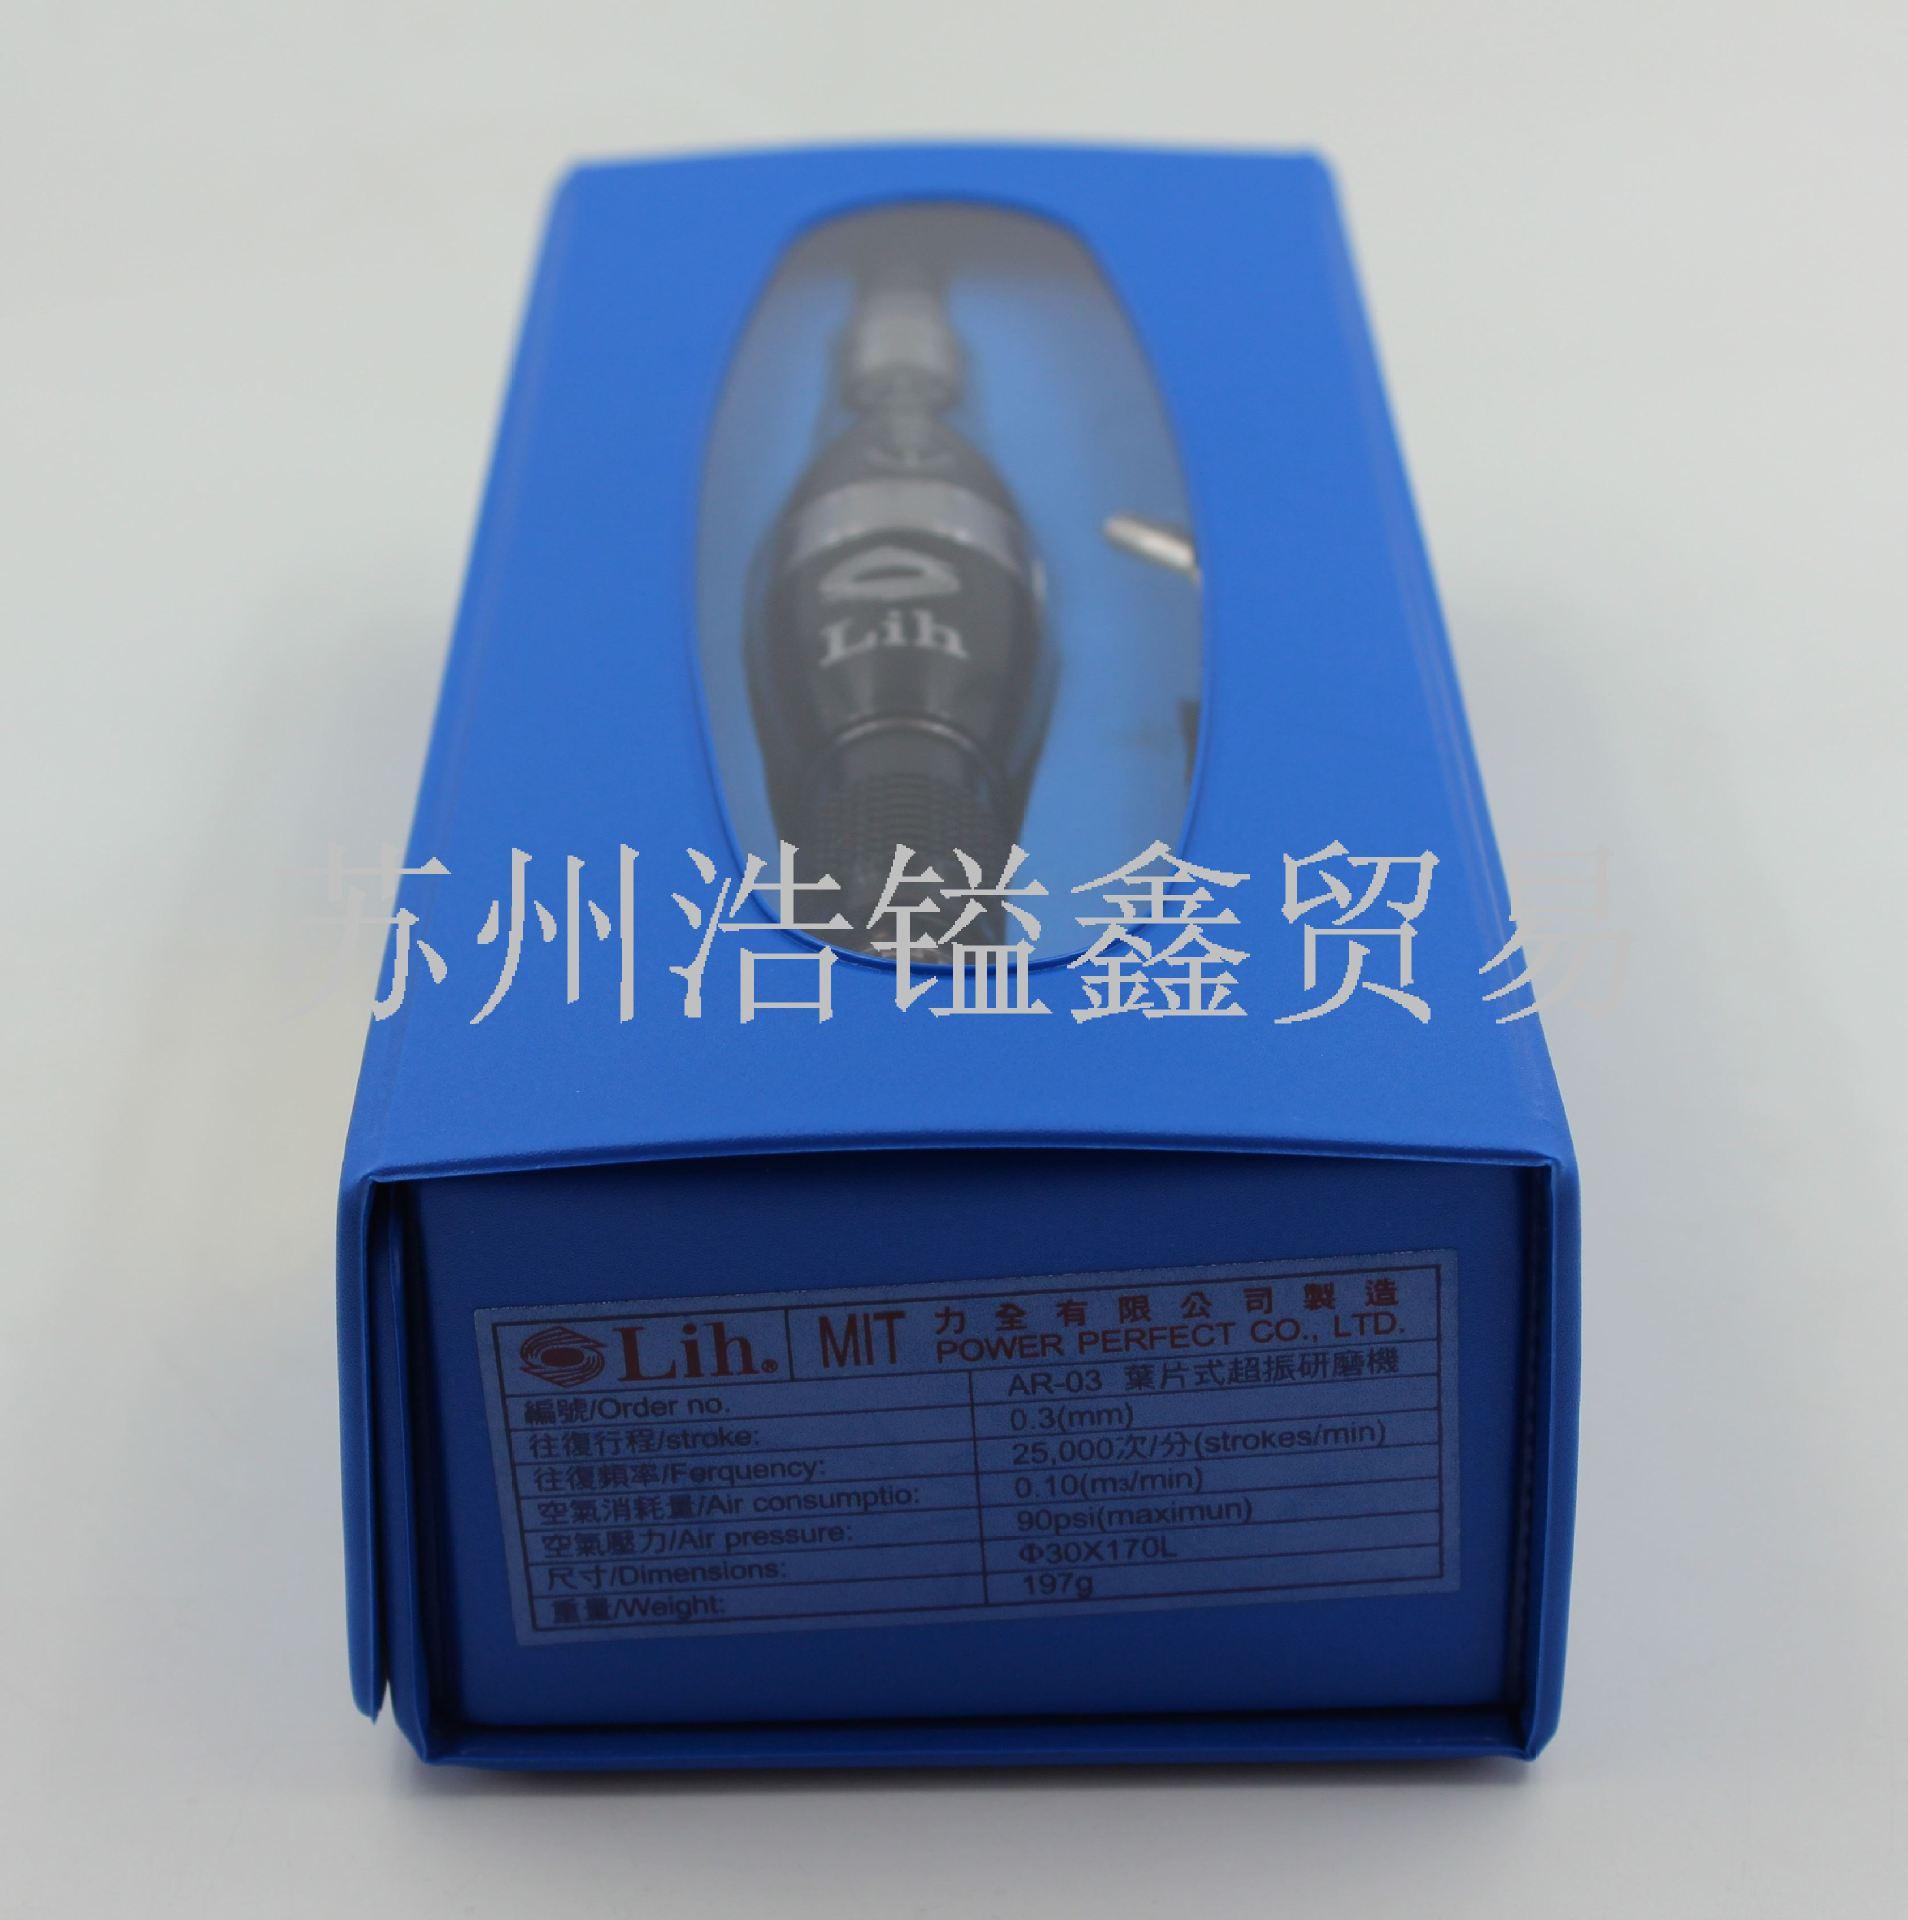 力全LIH工业级微型气动工具高速超声波打磨机风磨抛光雕刻笔AR-03